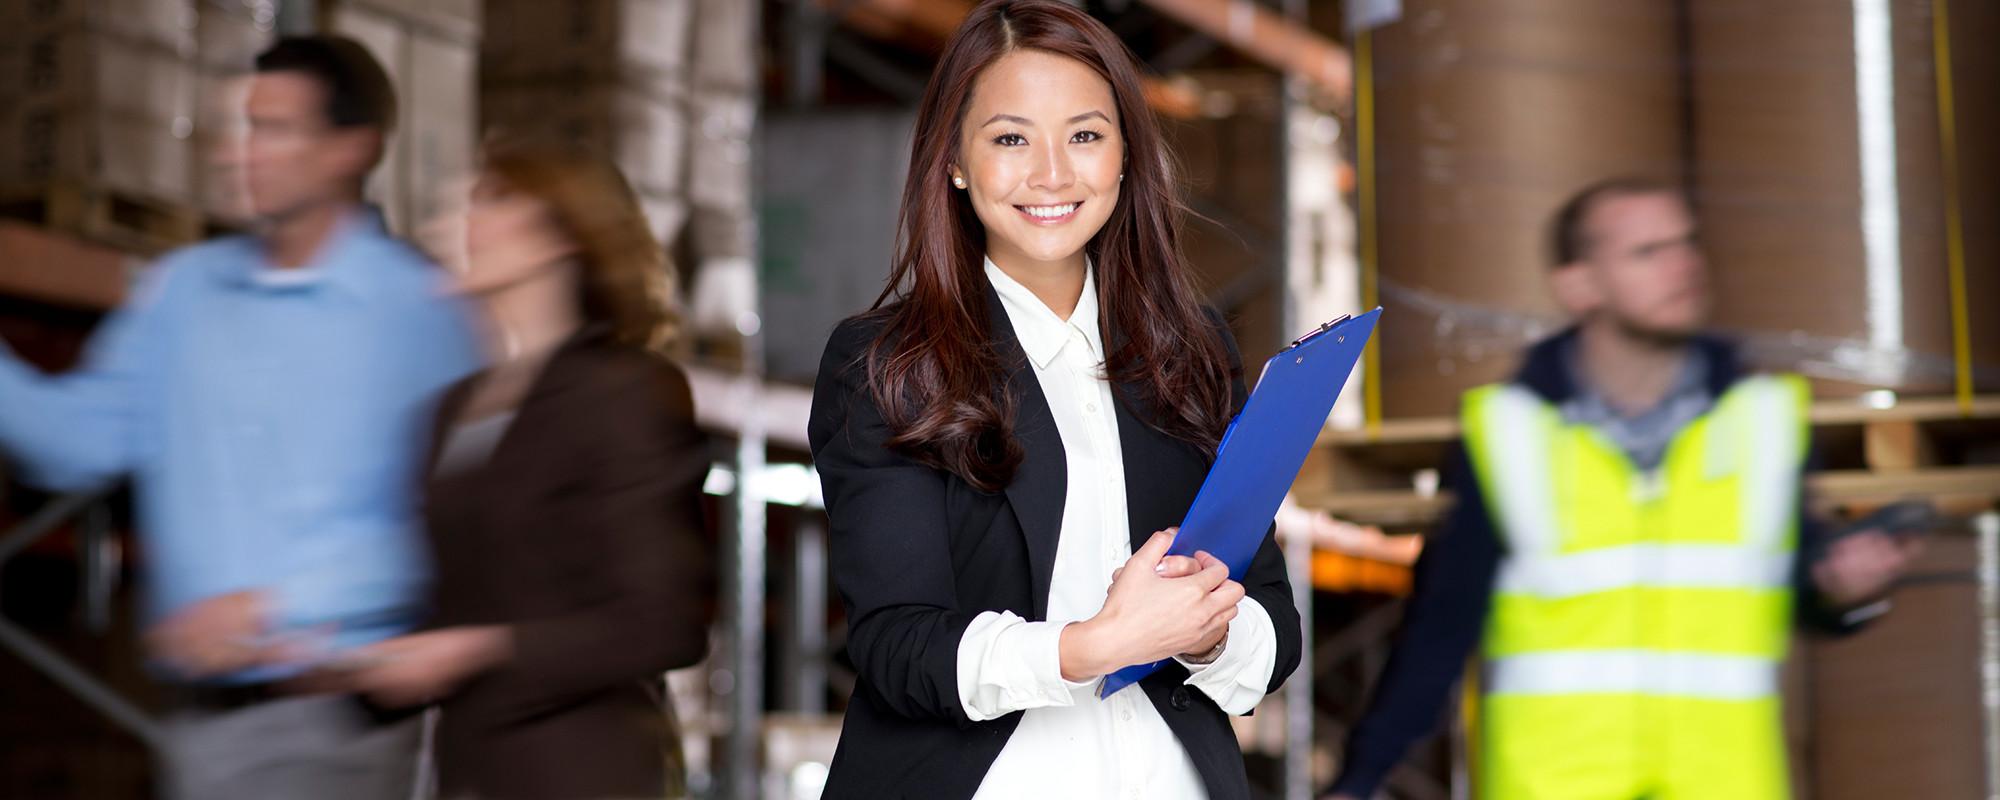 Les avantages du recrutement par une agence spécialisée